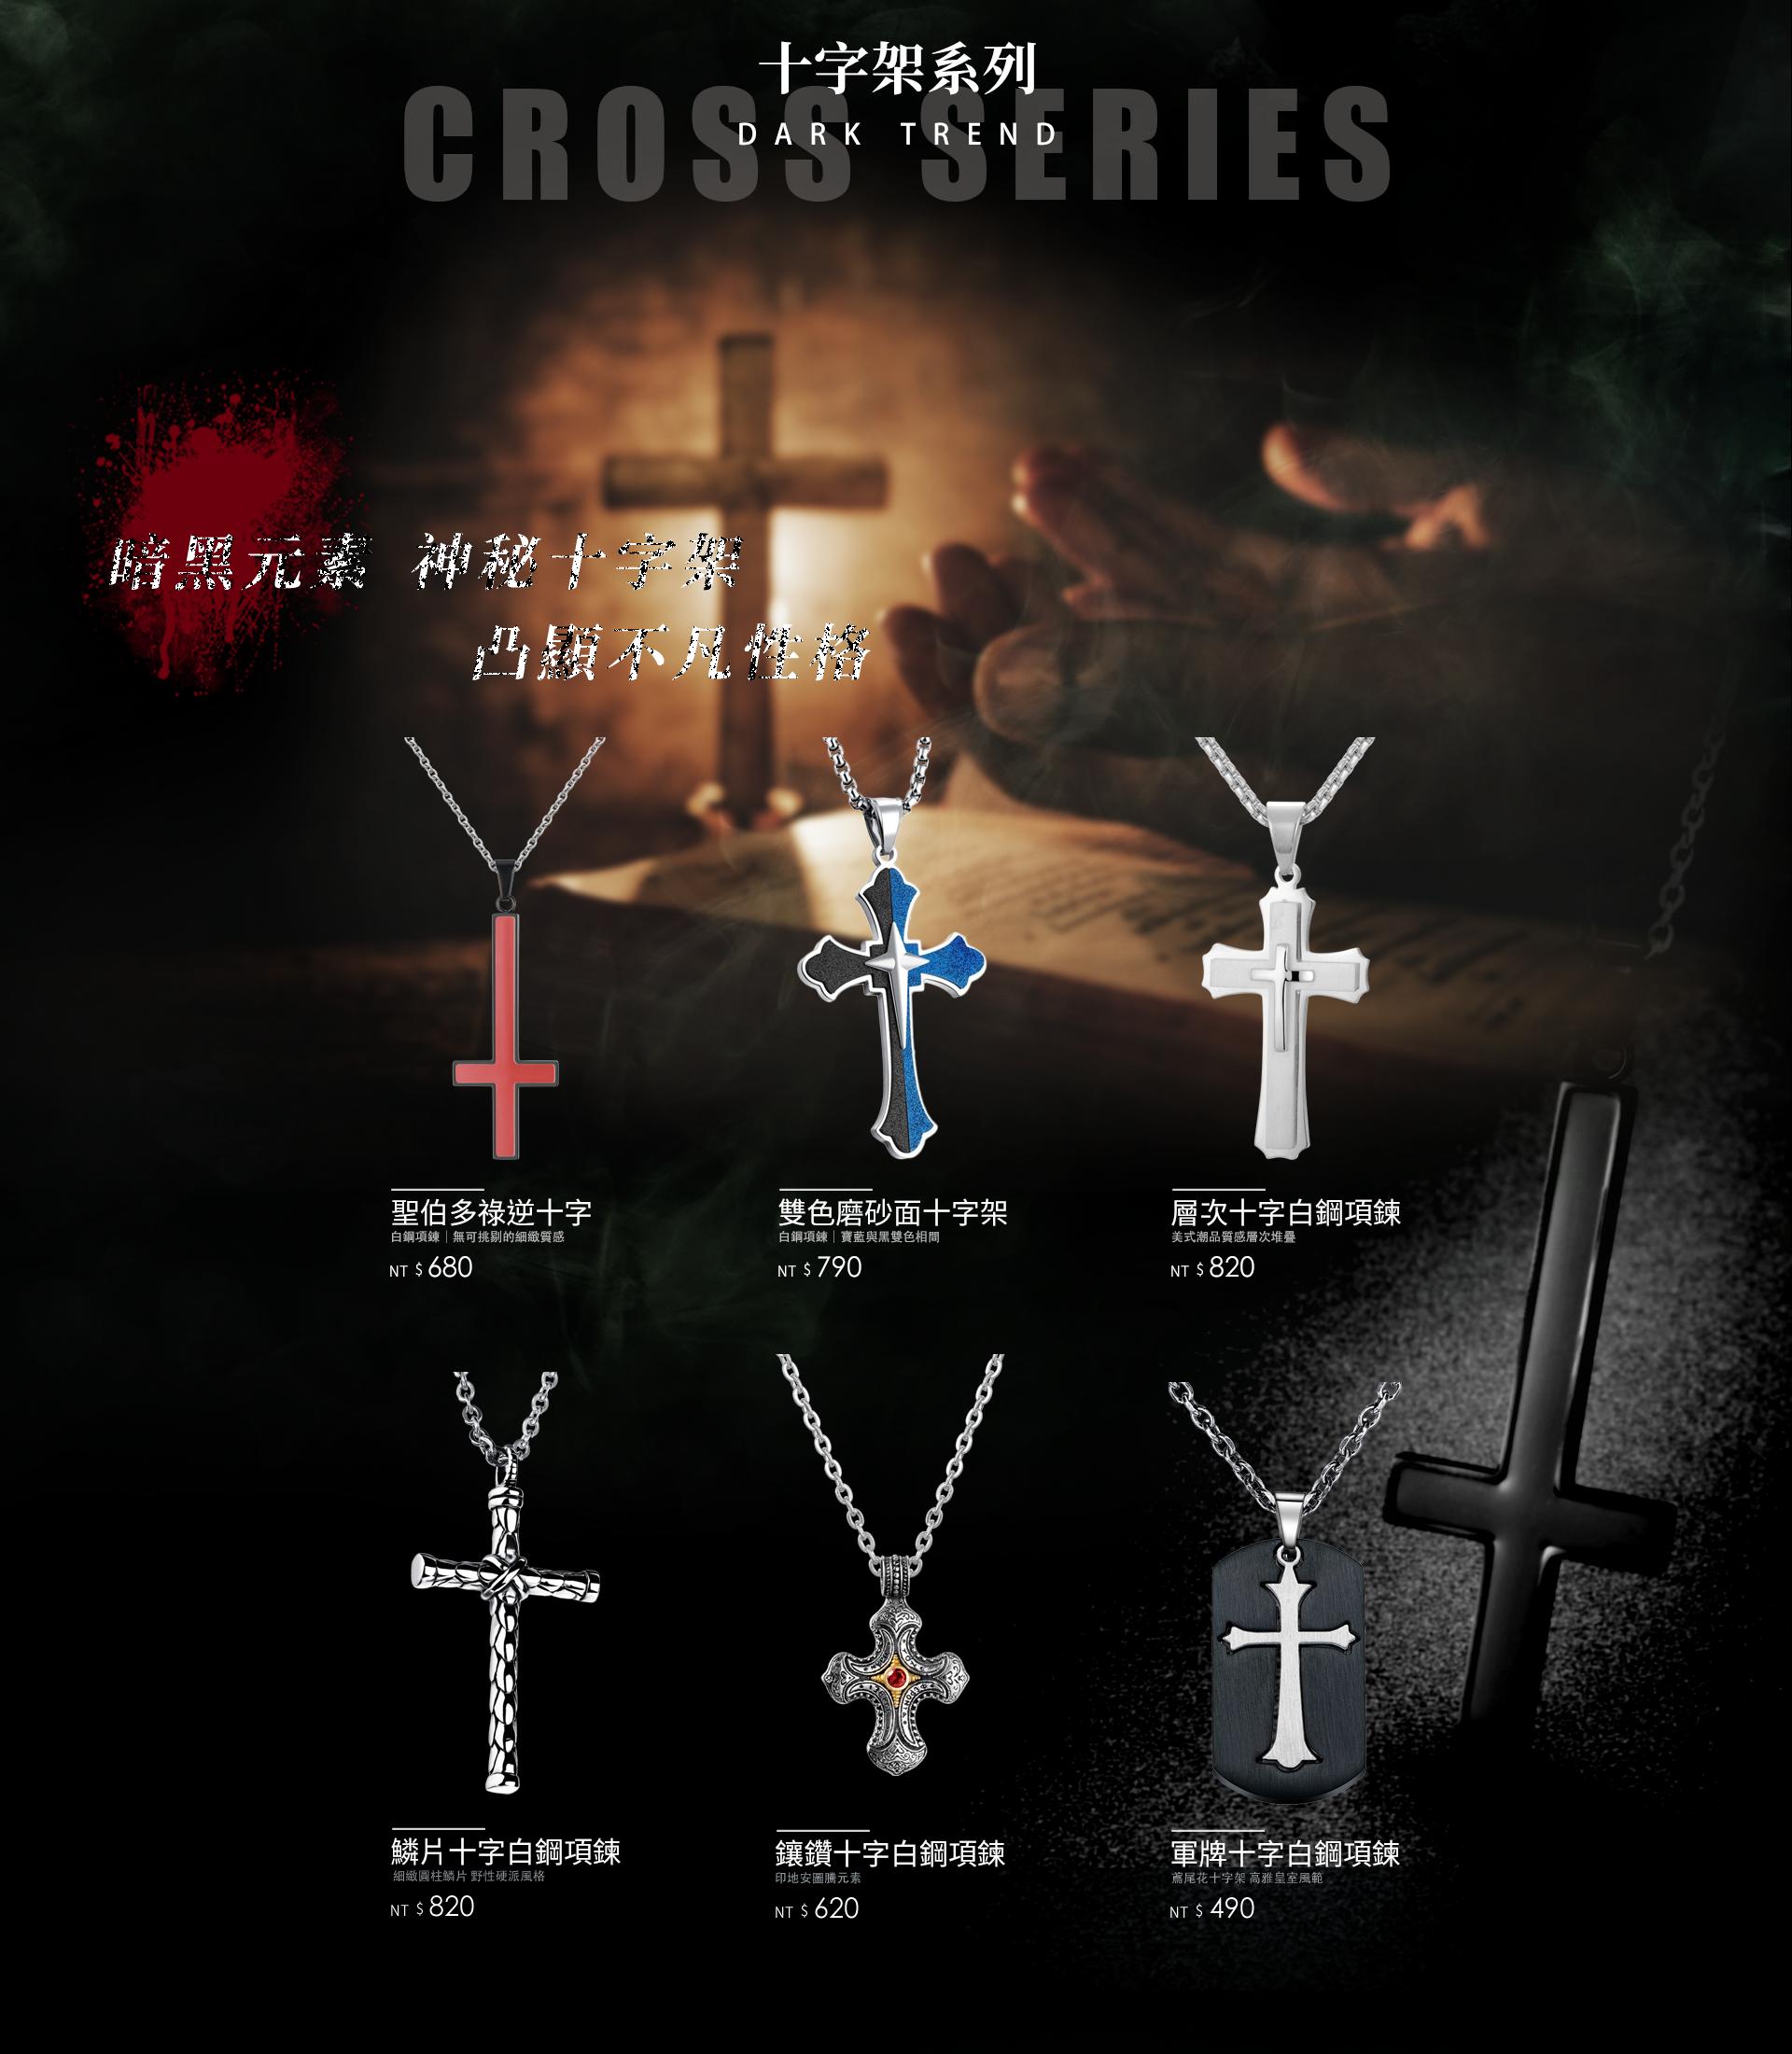 十字架系列